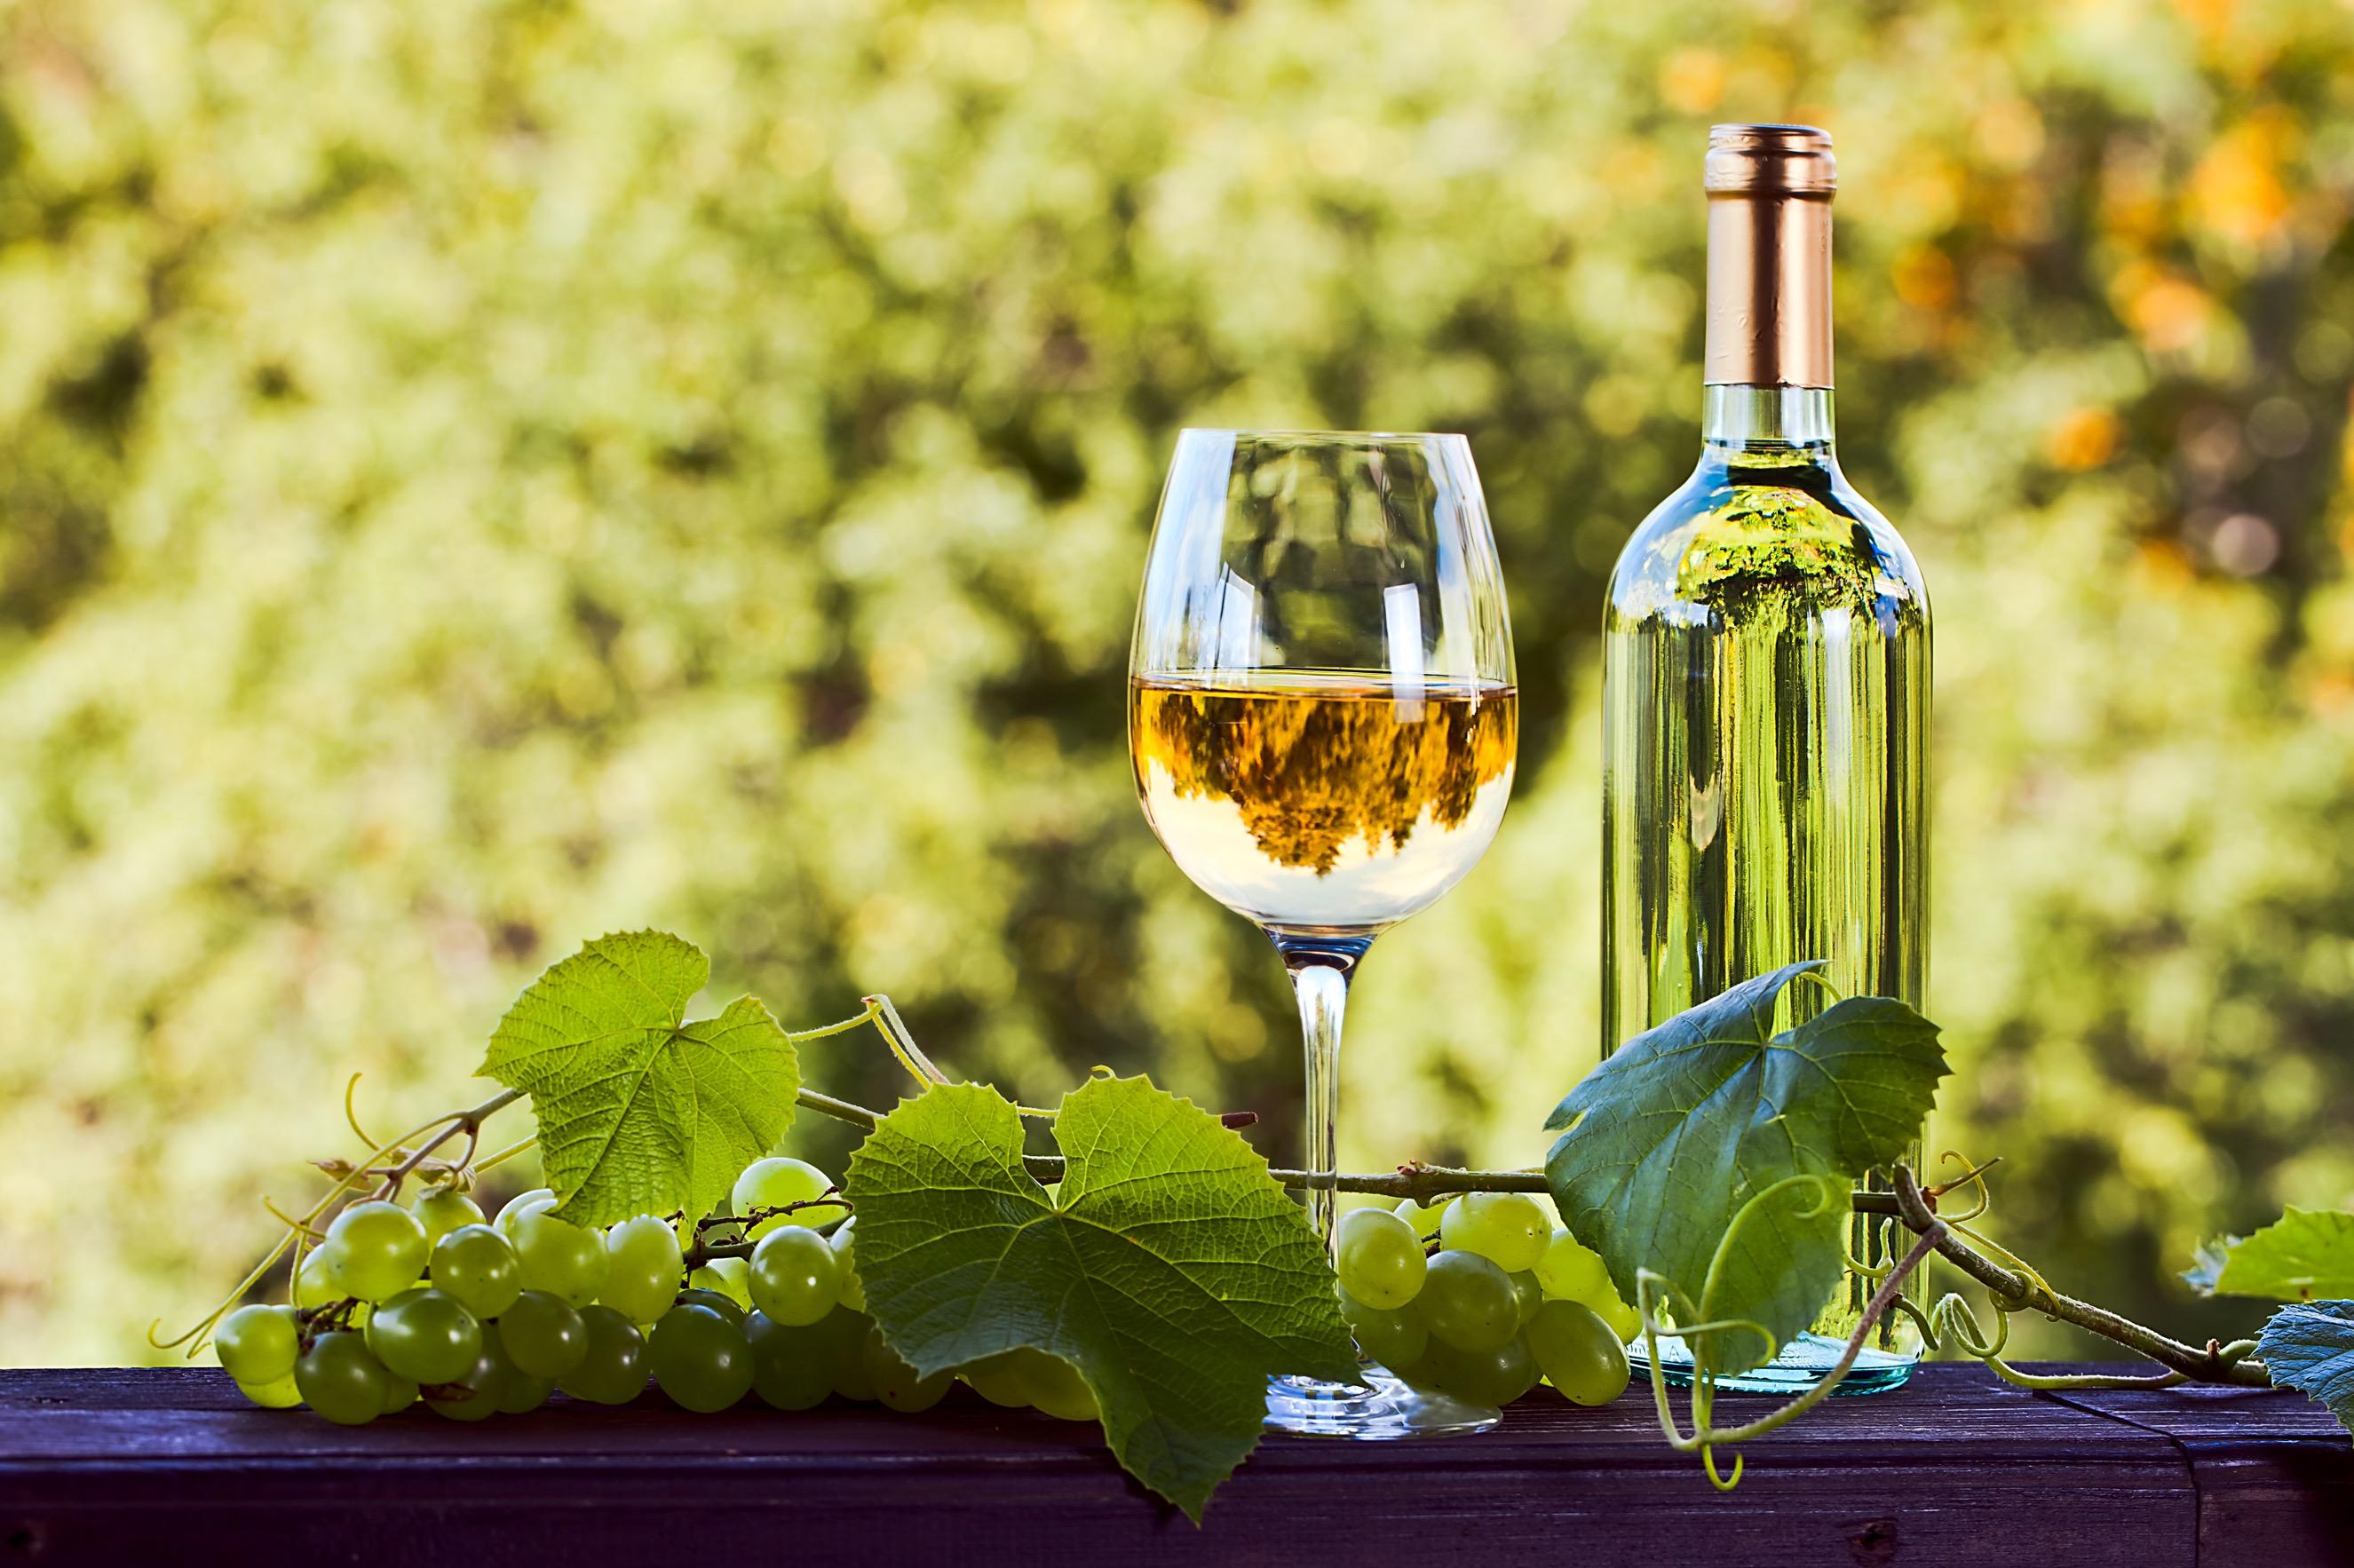 ドイツで愛される白ワイン『カッツ』の魅力